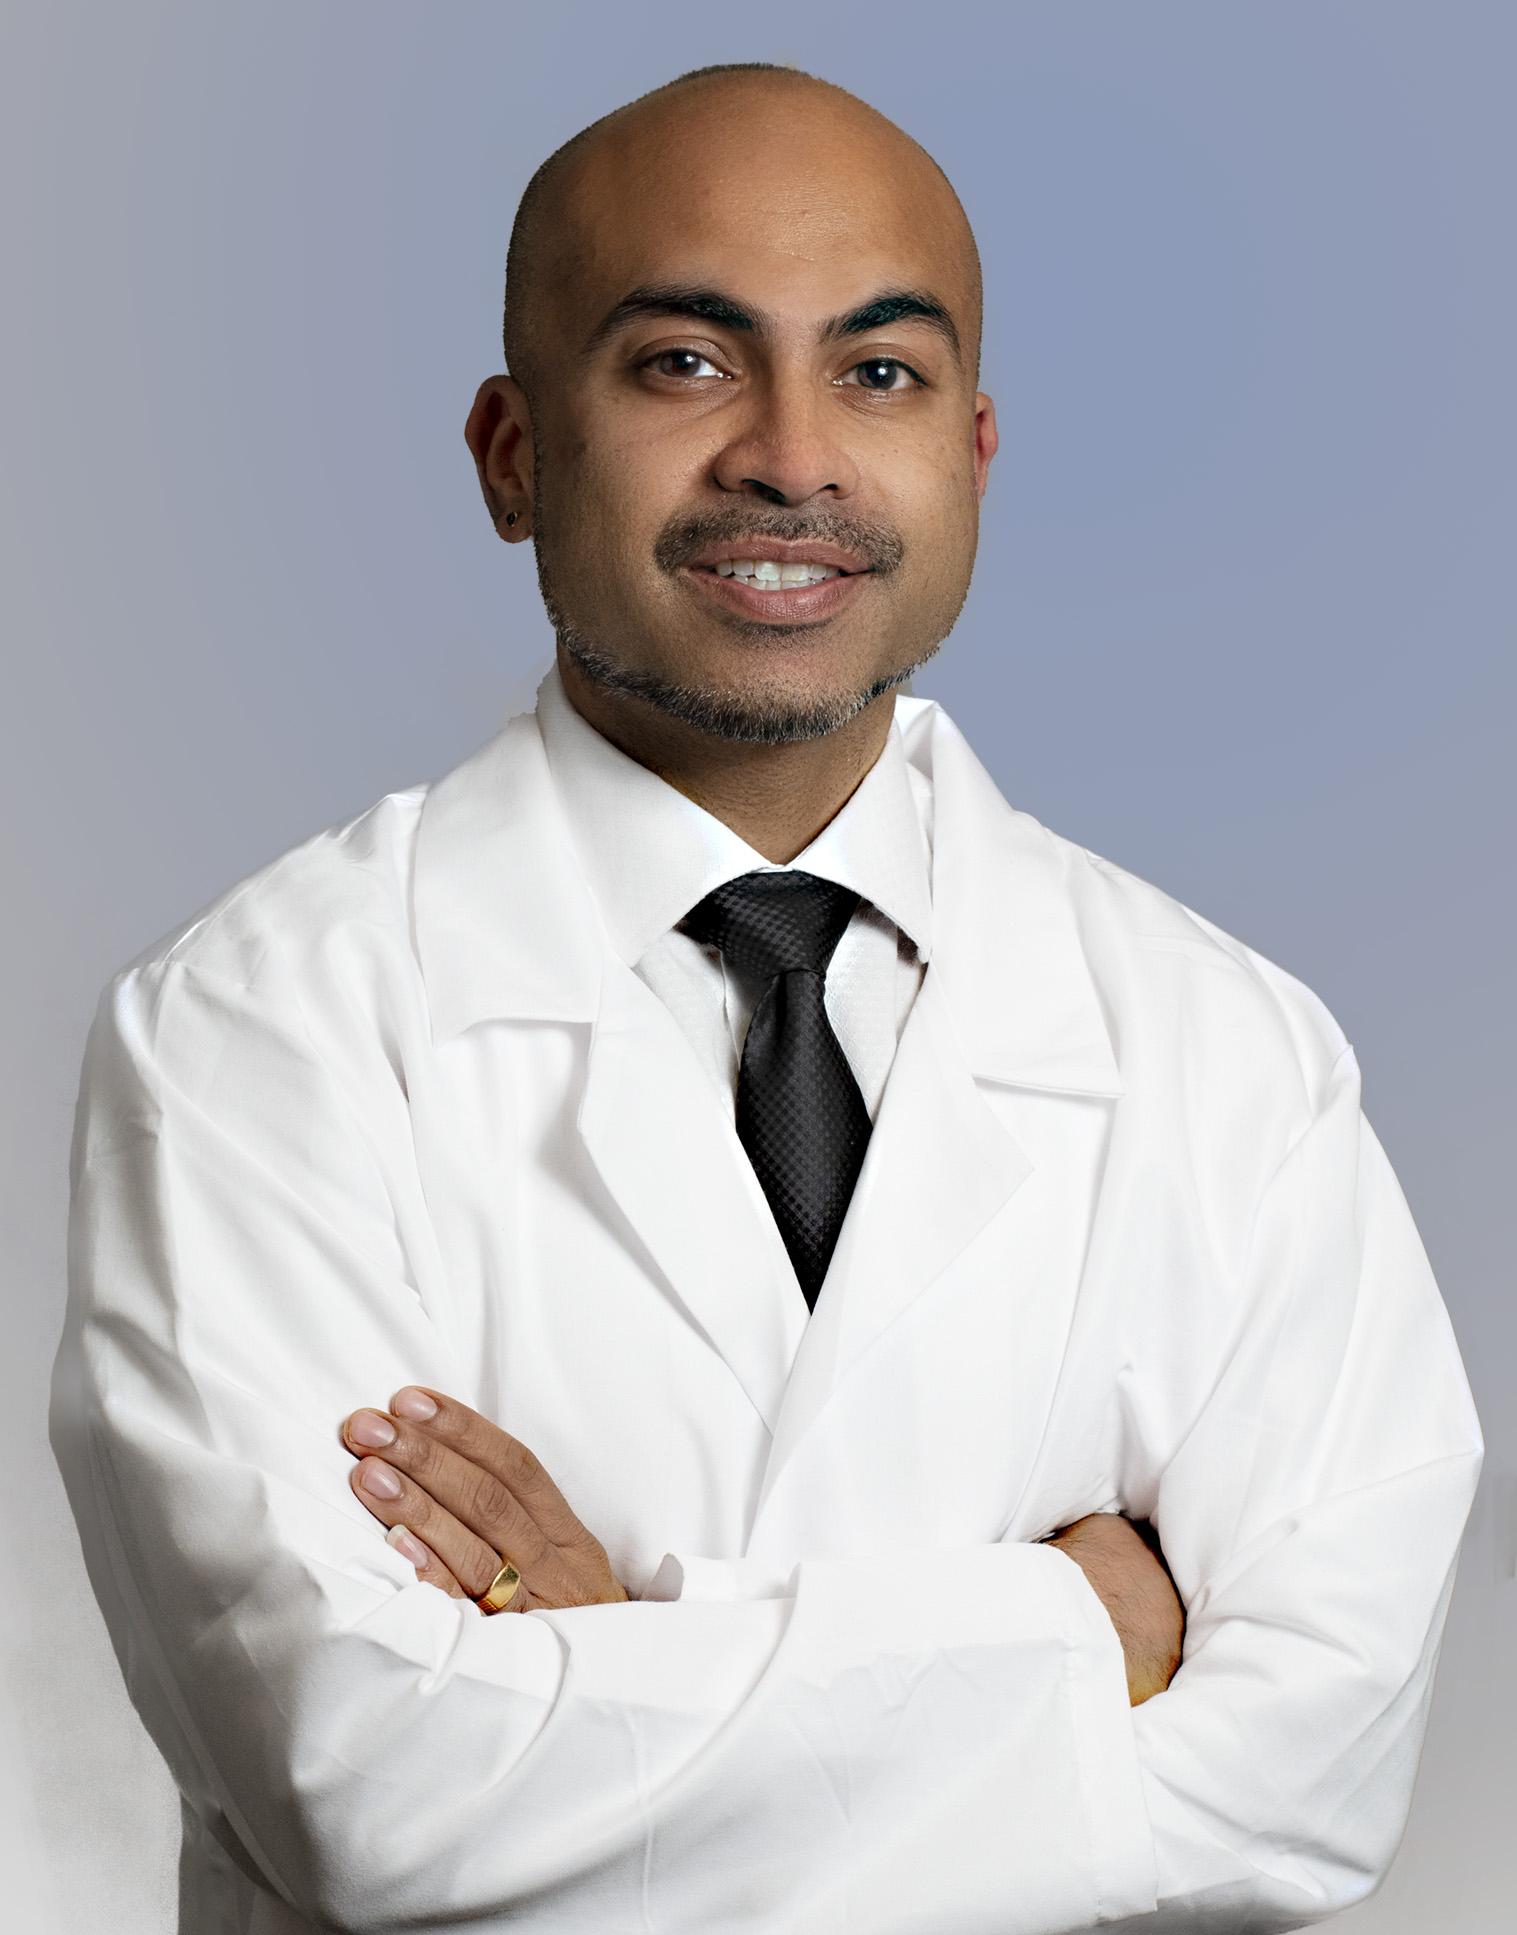 Joseph Chirayil, MD